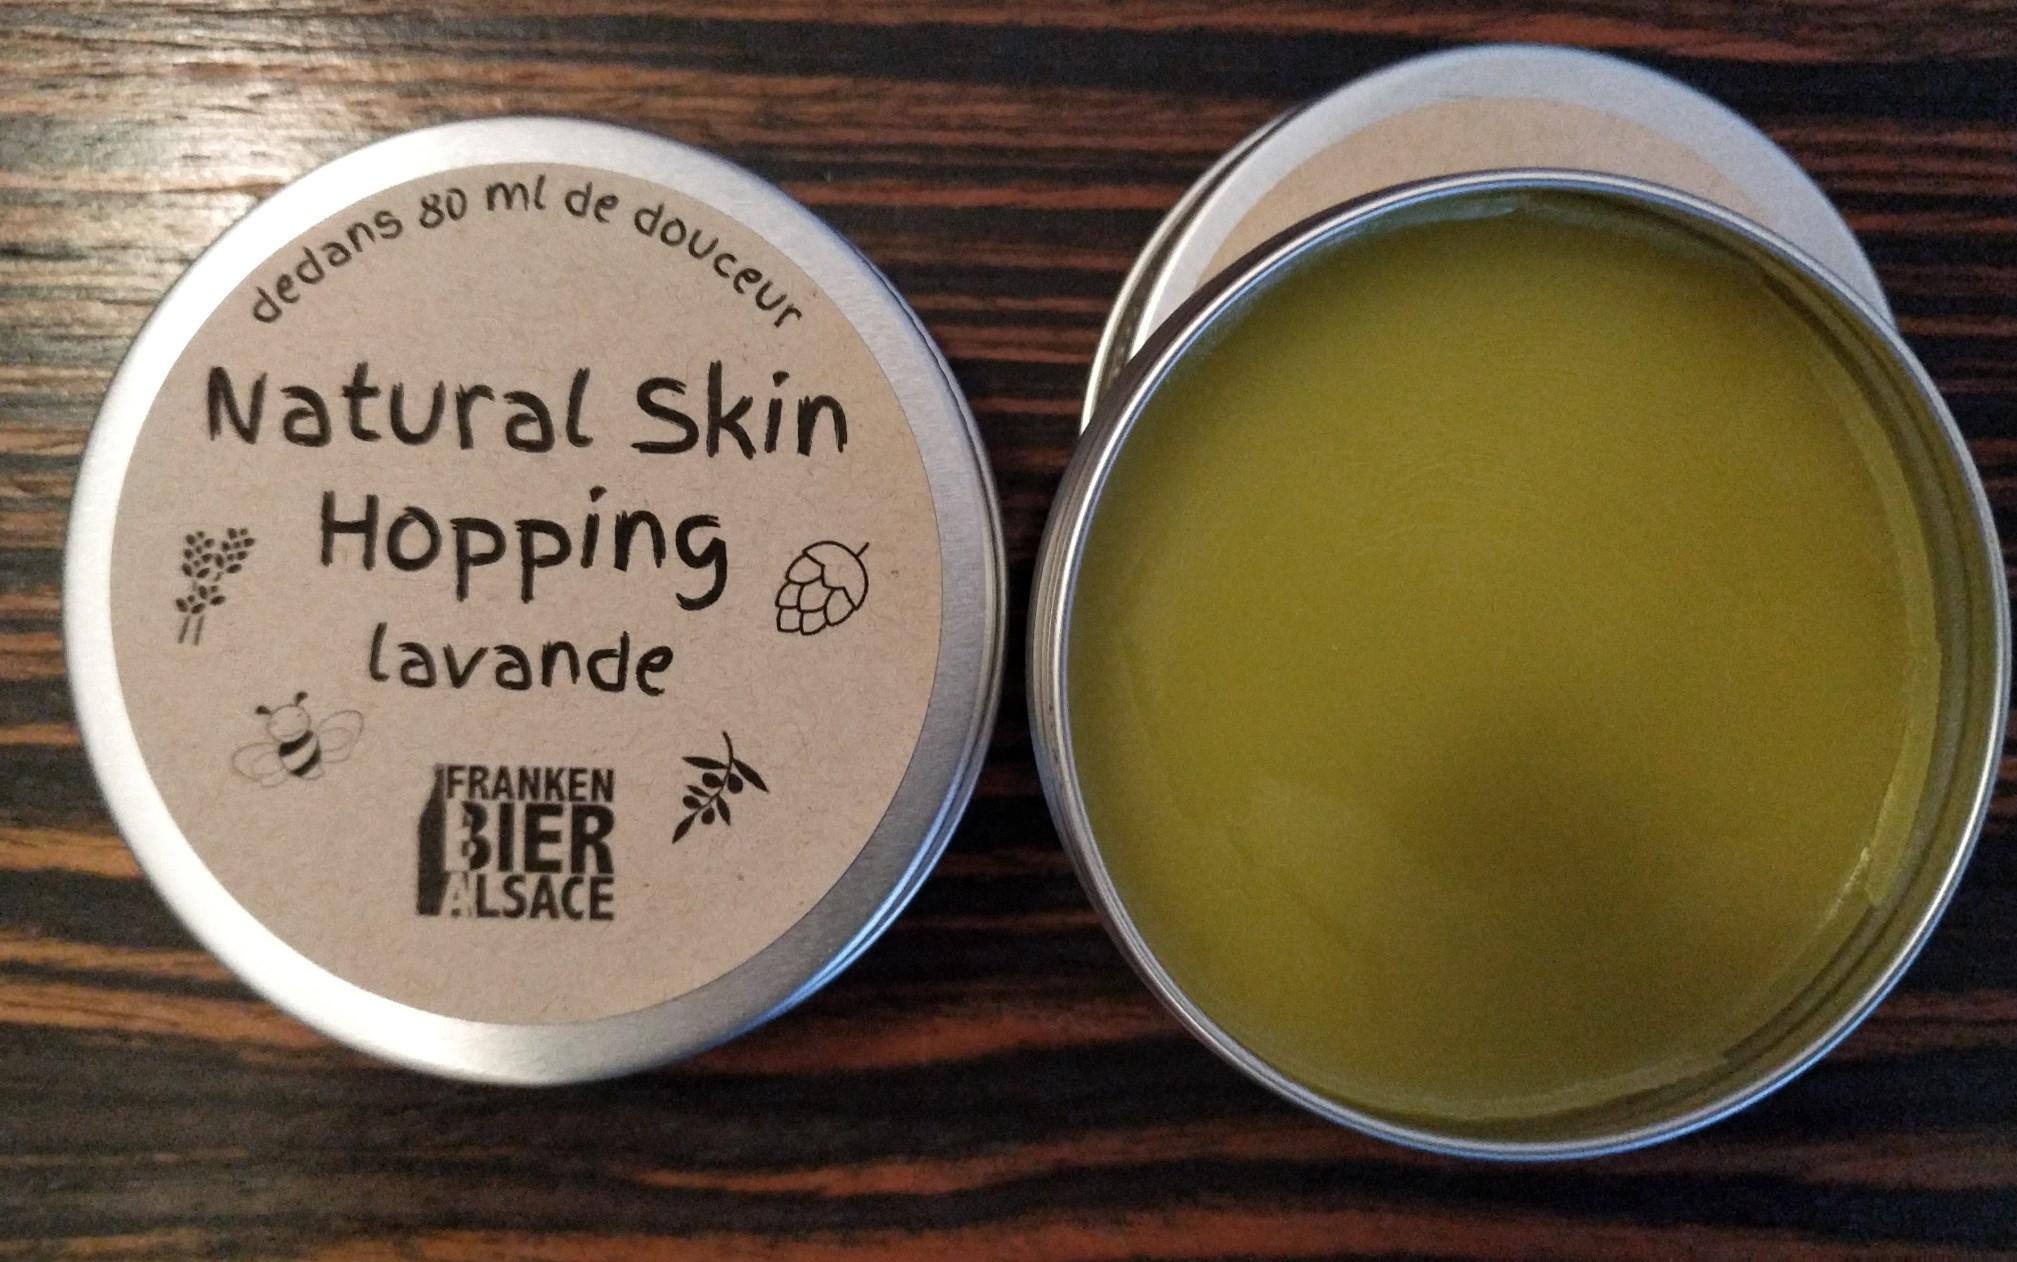 natural skin hopping Lavande